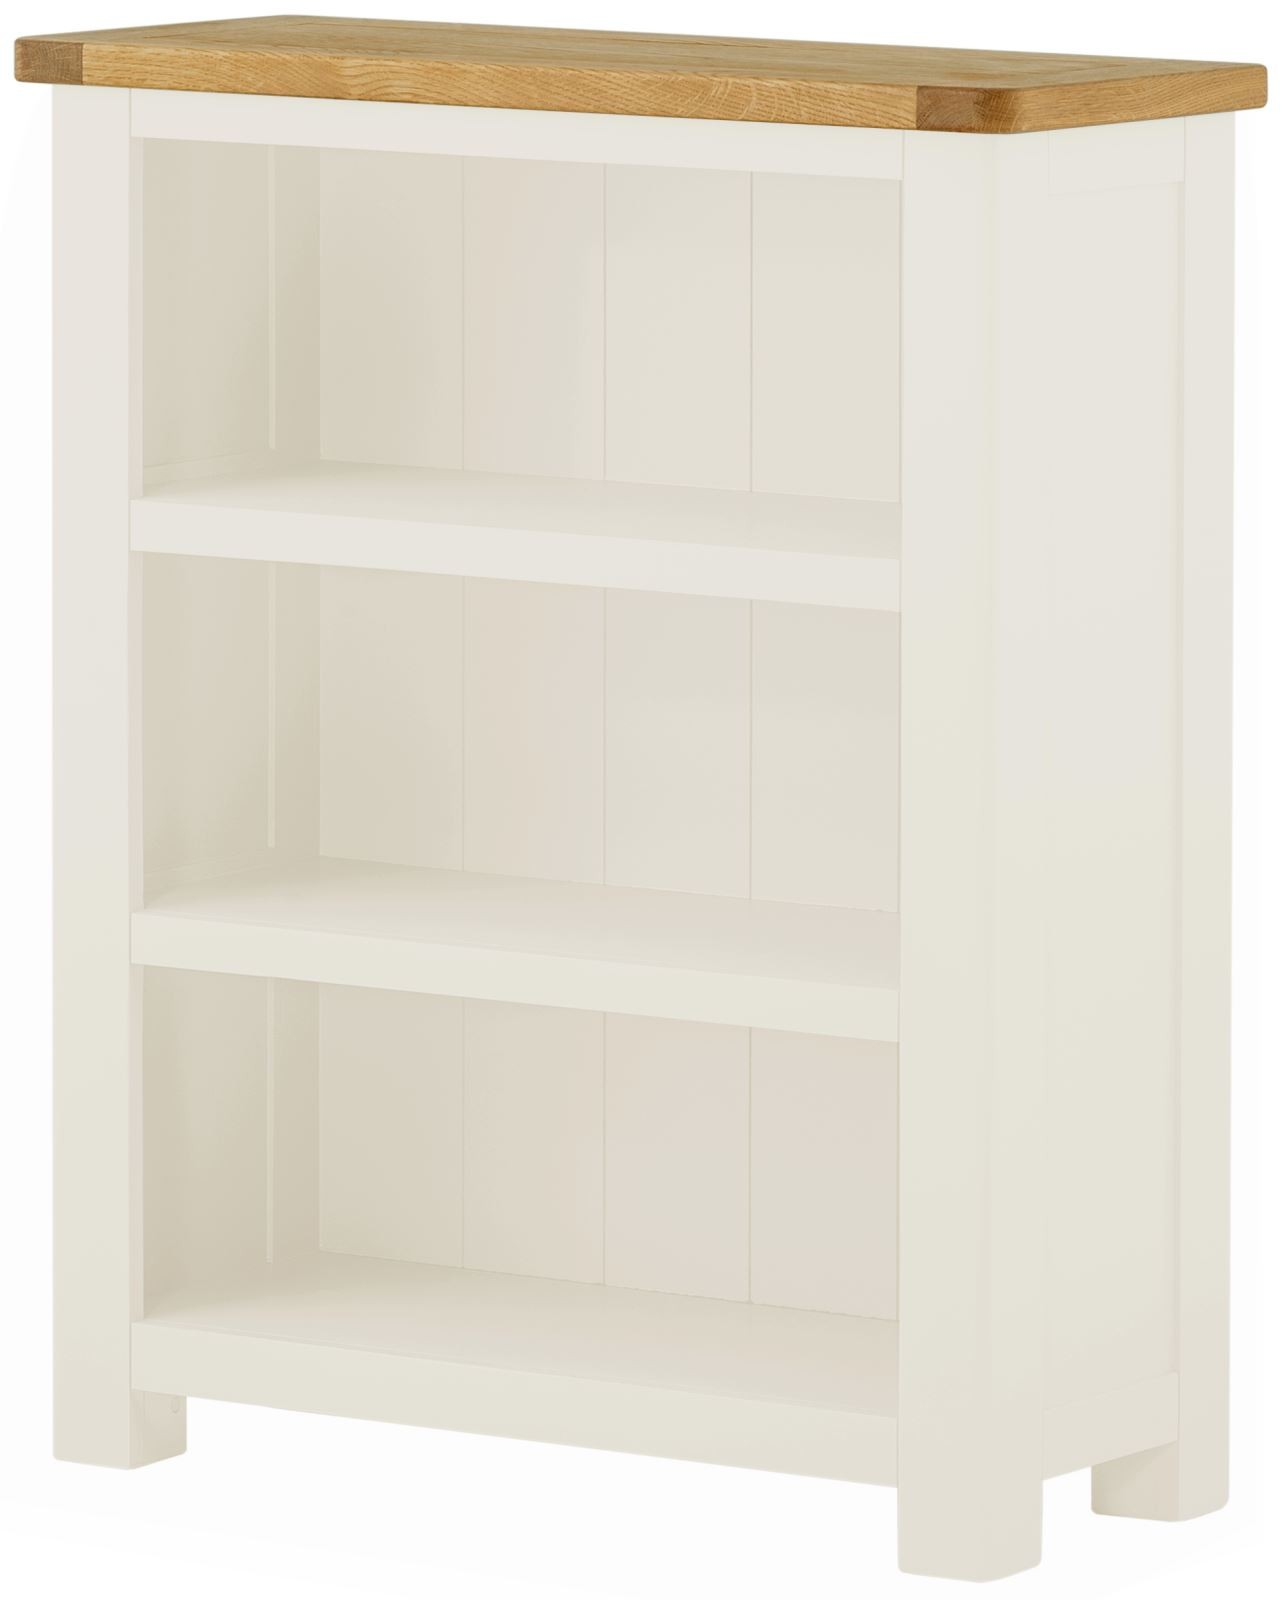 PRESTON Small Bookcase